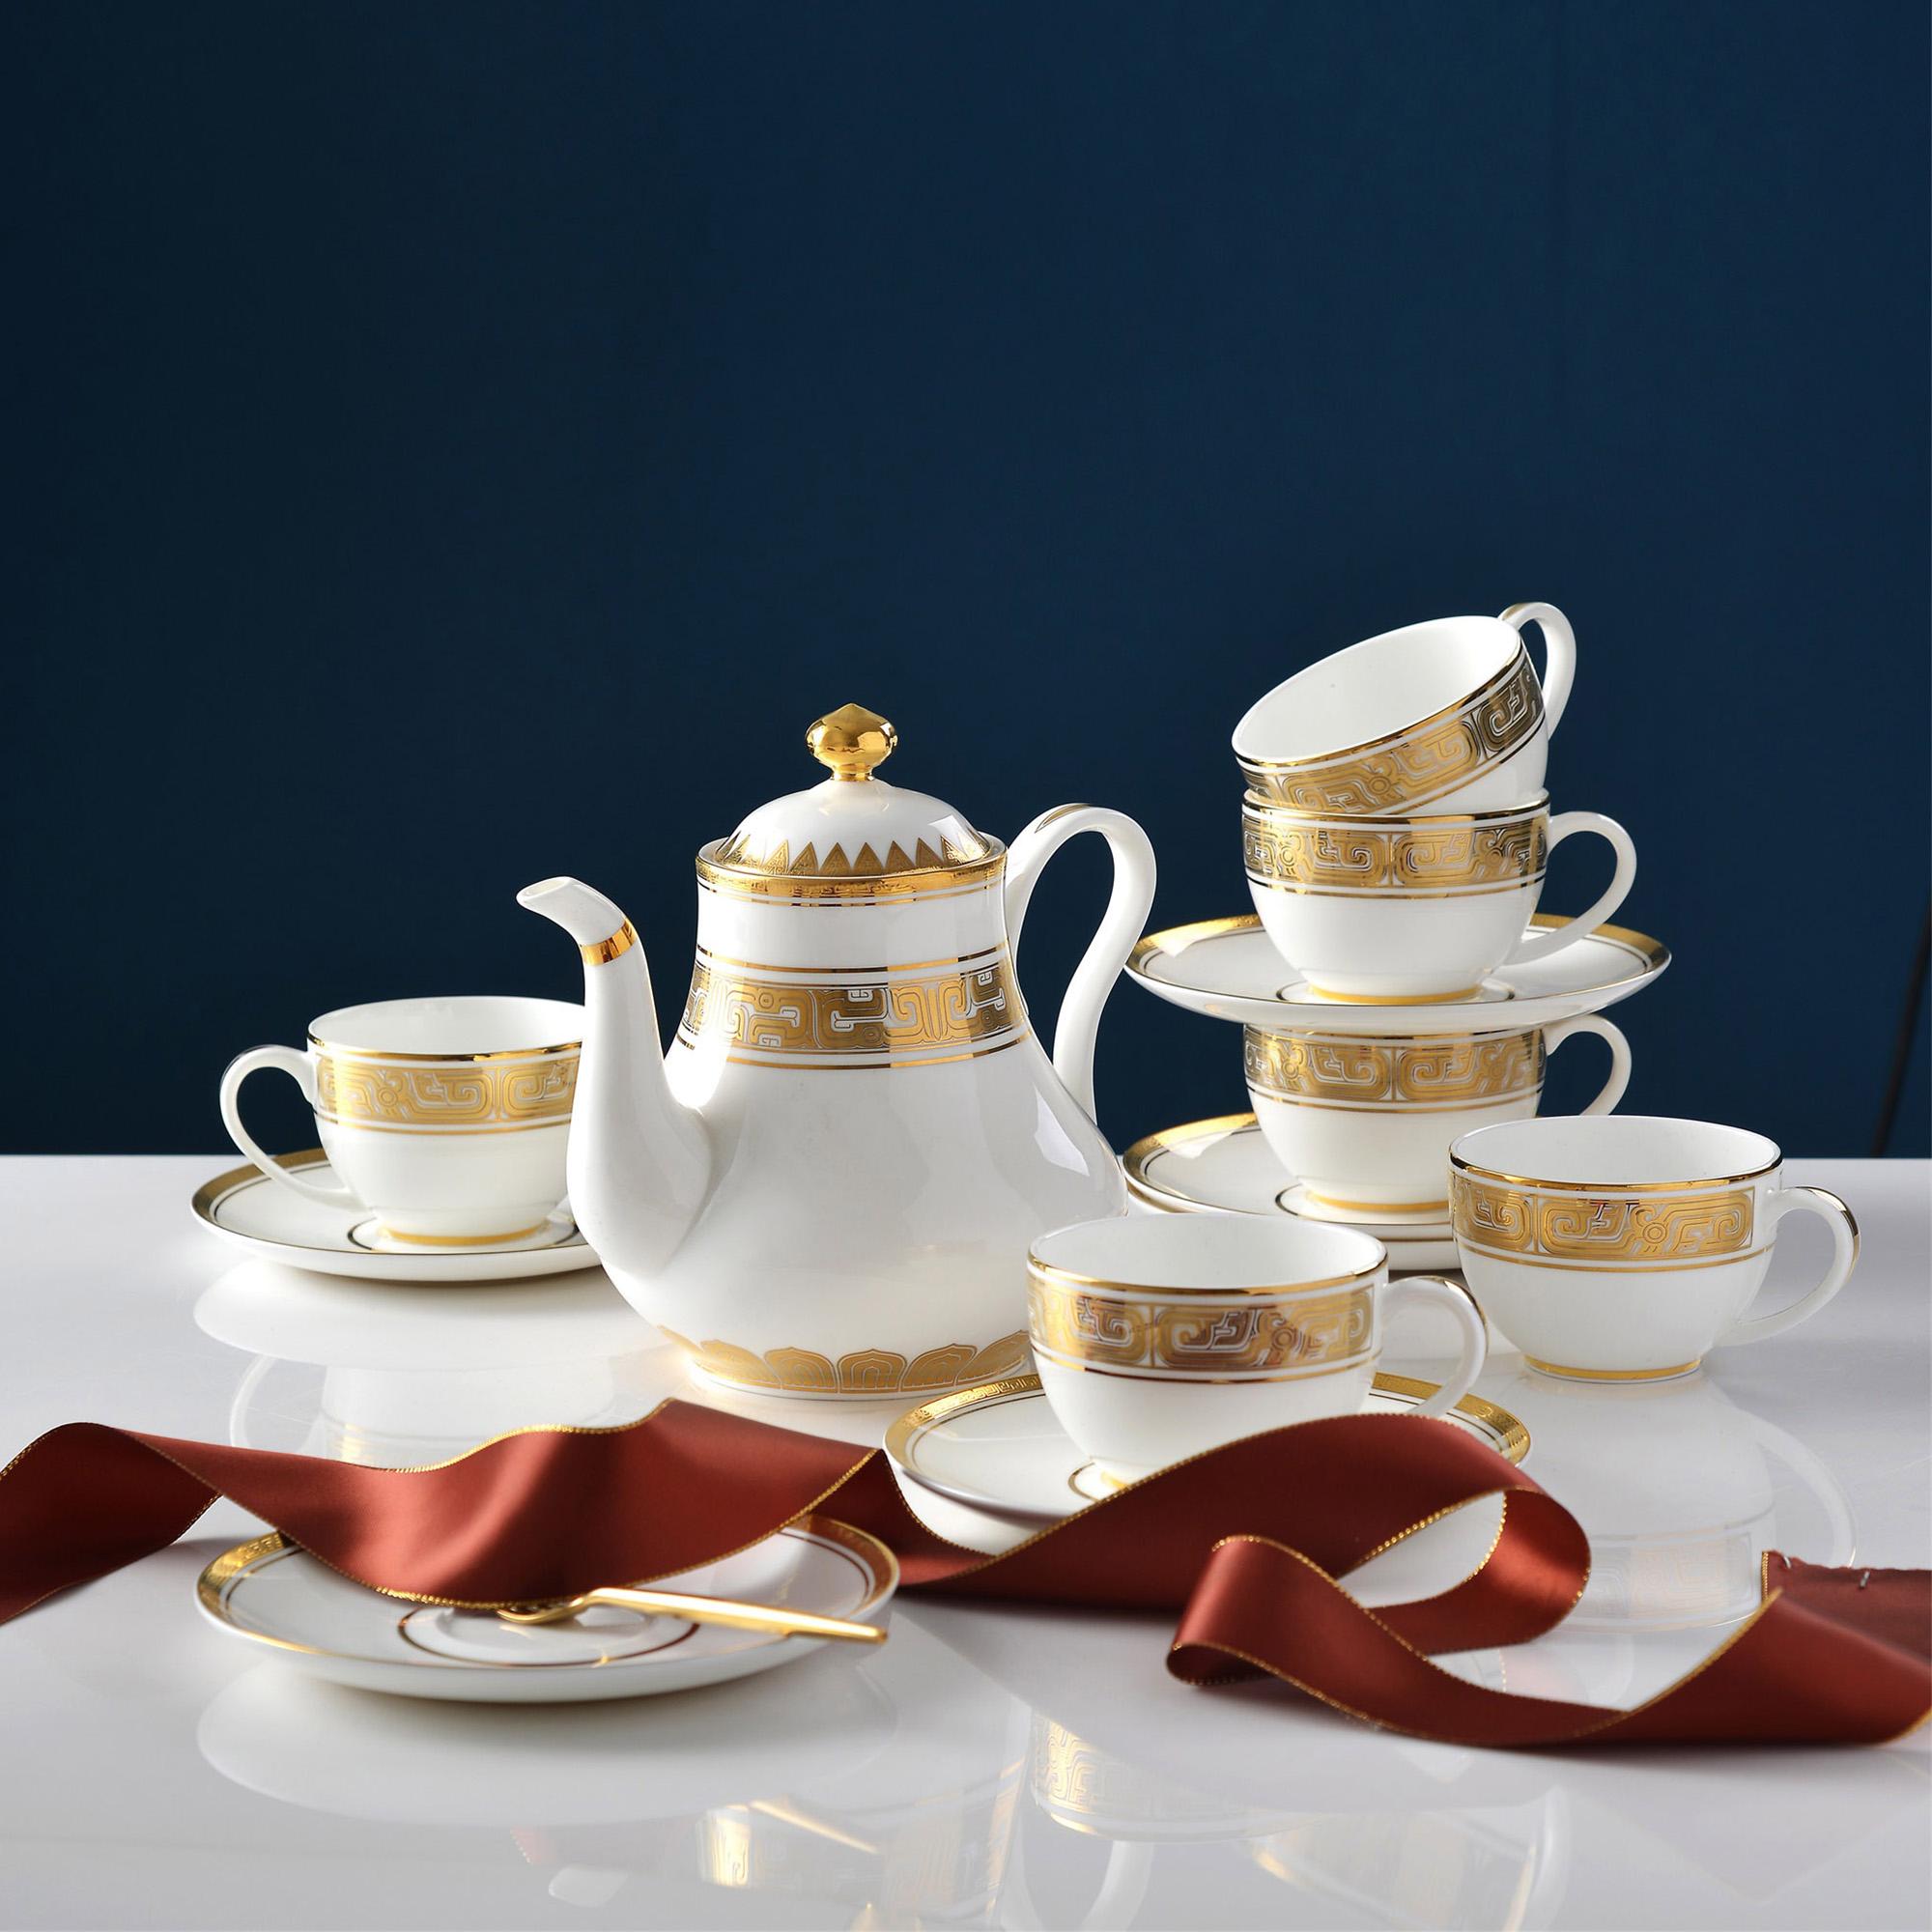 G20青銅時代茶具